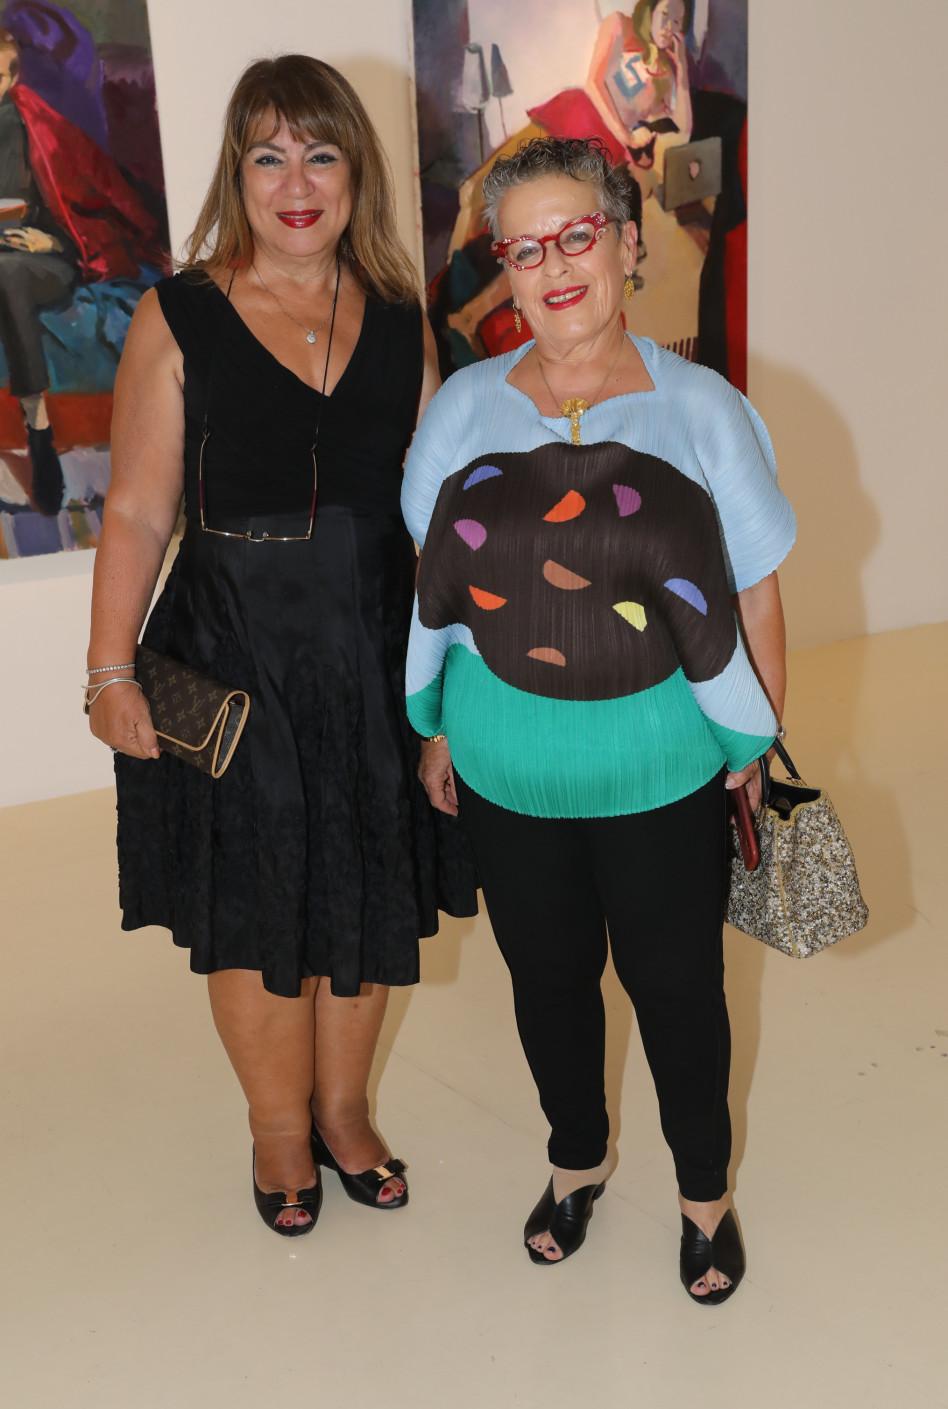 חנה פרי-זן ושולמית נוס (צילום: רפי דלויה)